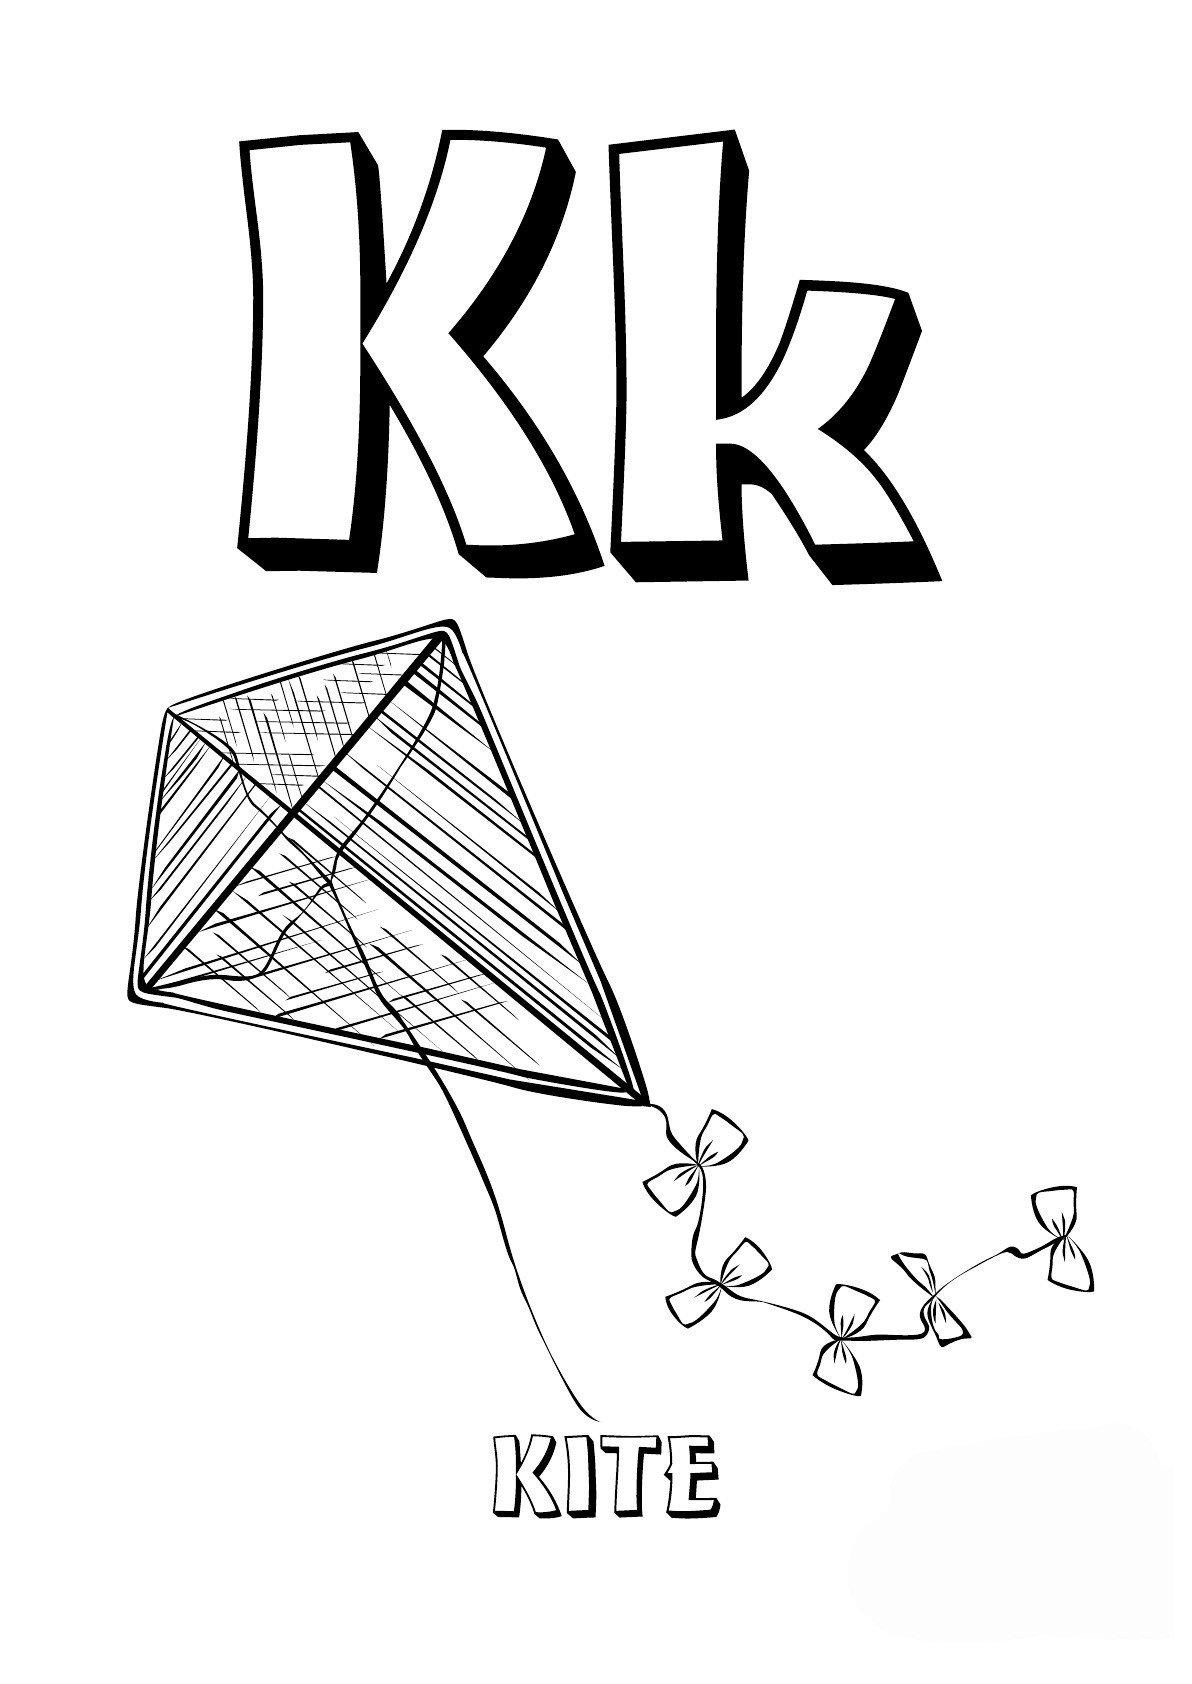 Буква K английского алфавита - Картинка для раскрашивания красками-гуашью